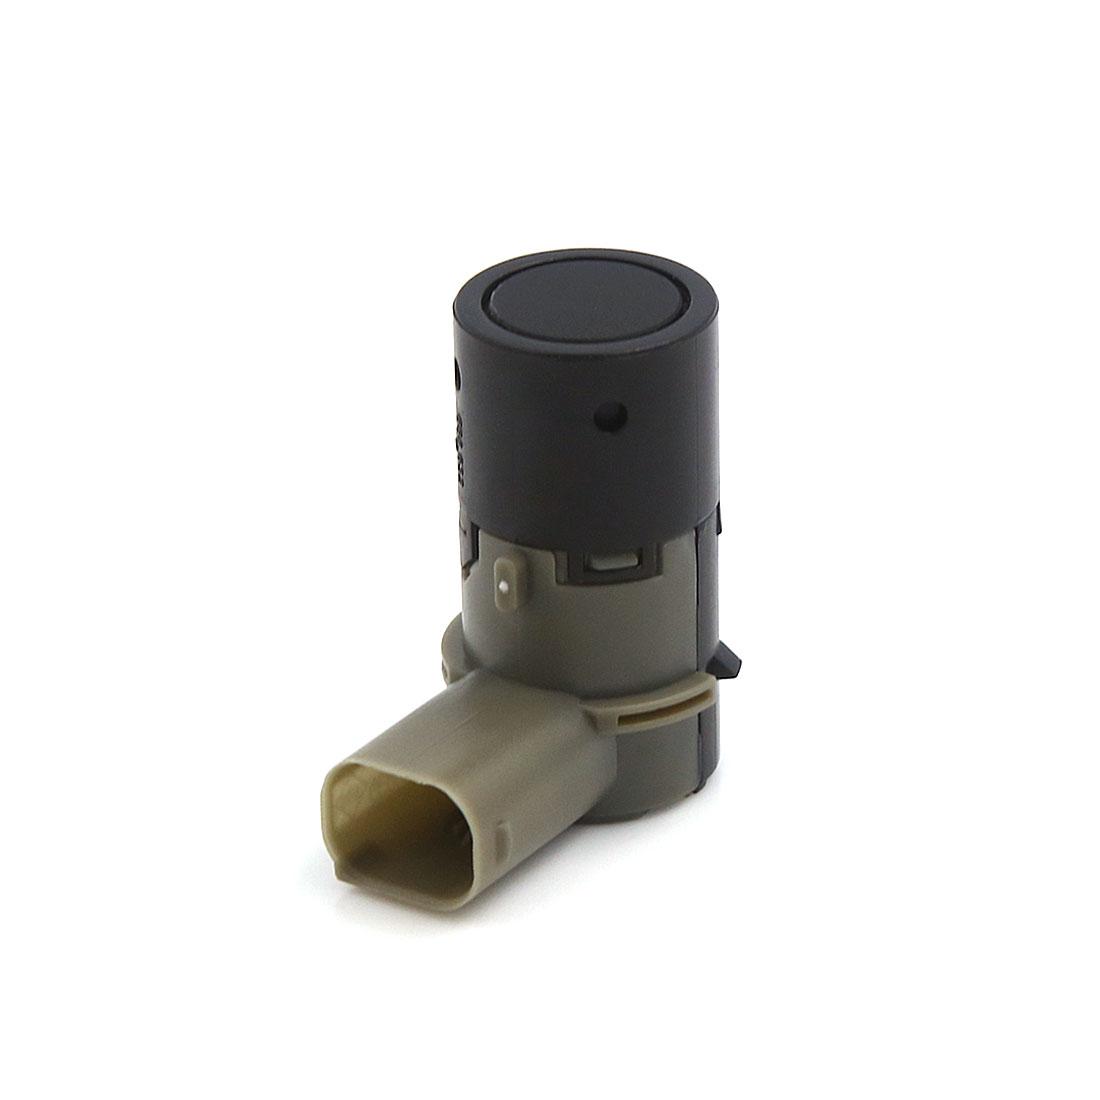 3 Pins PDC Parking Reverse Sensor 6620 2180 149 for BMW E39 E60 E61 E64 R53 Z4